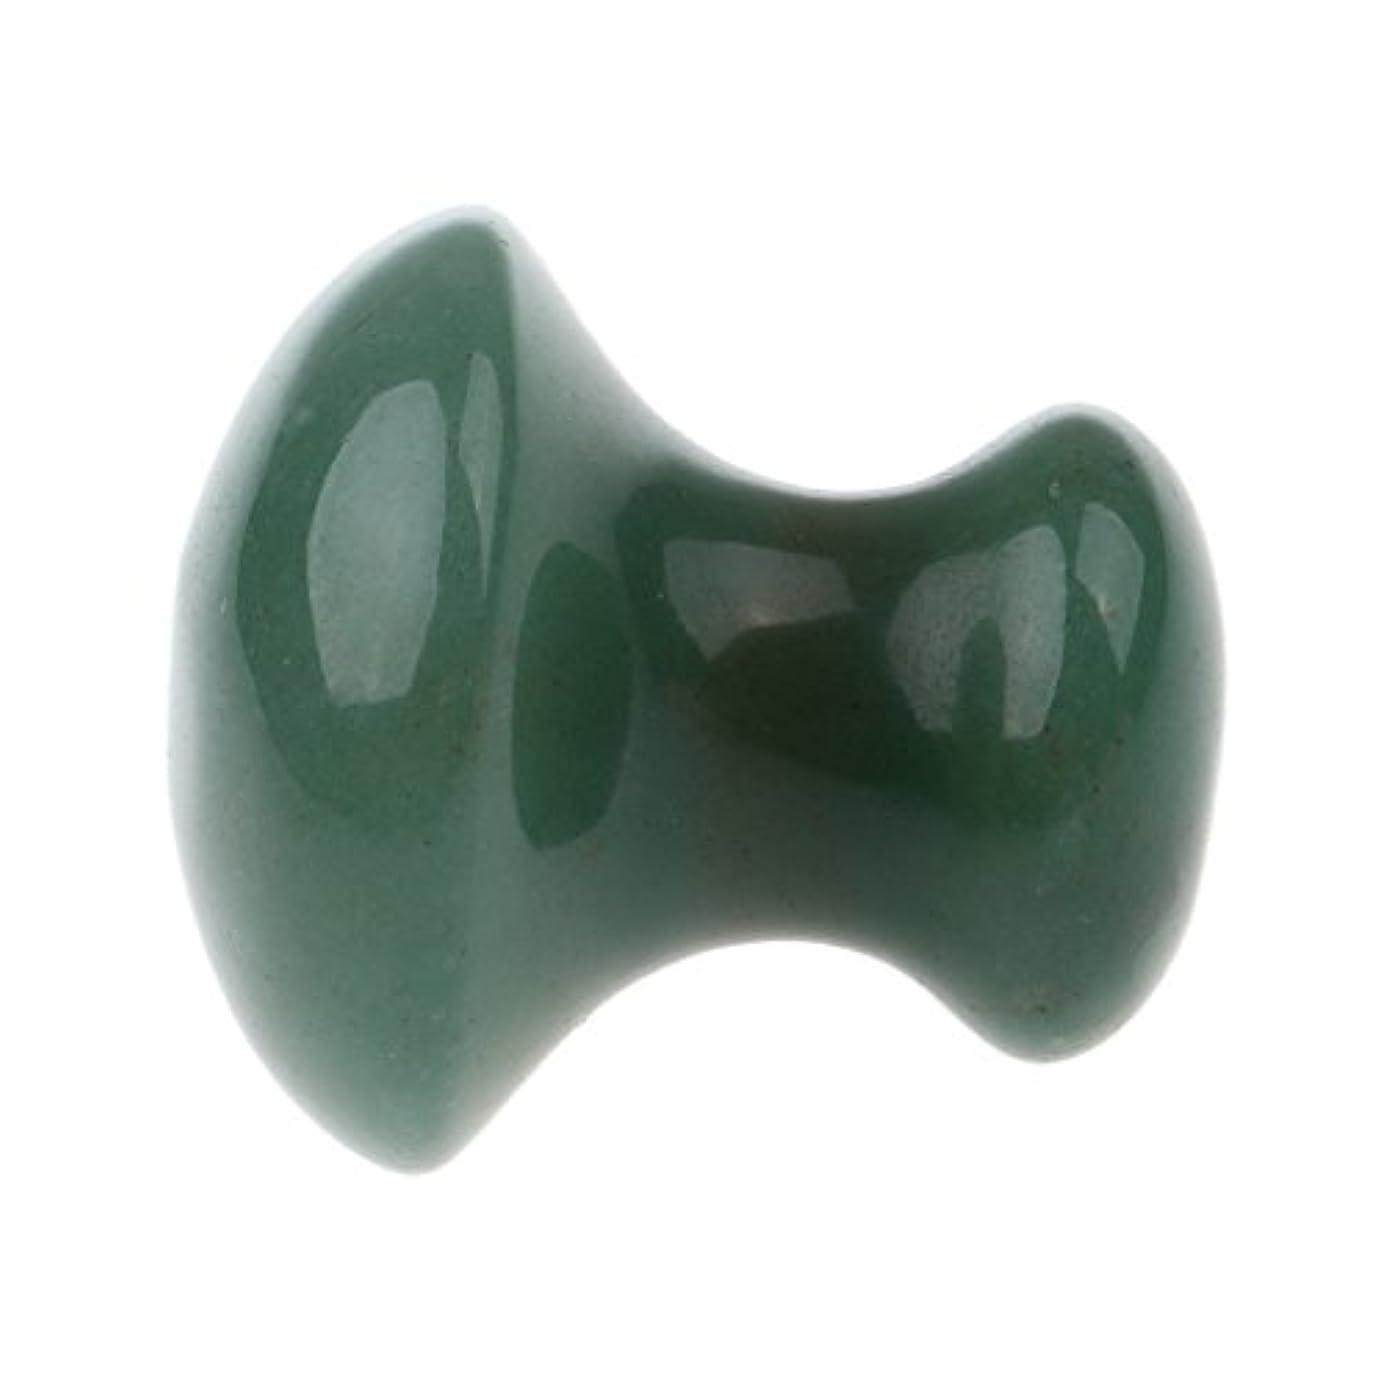 検出ユニークな空のマッサージストーン 石 ストーン 美容 マッシュルーム スキンケア 2色選べる - 緑